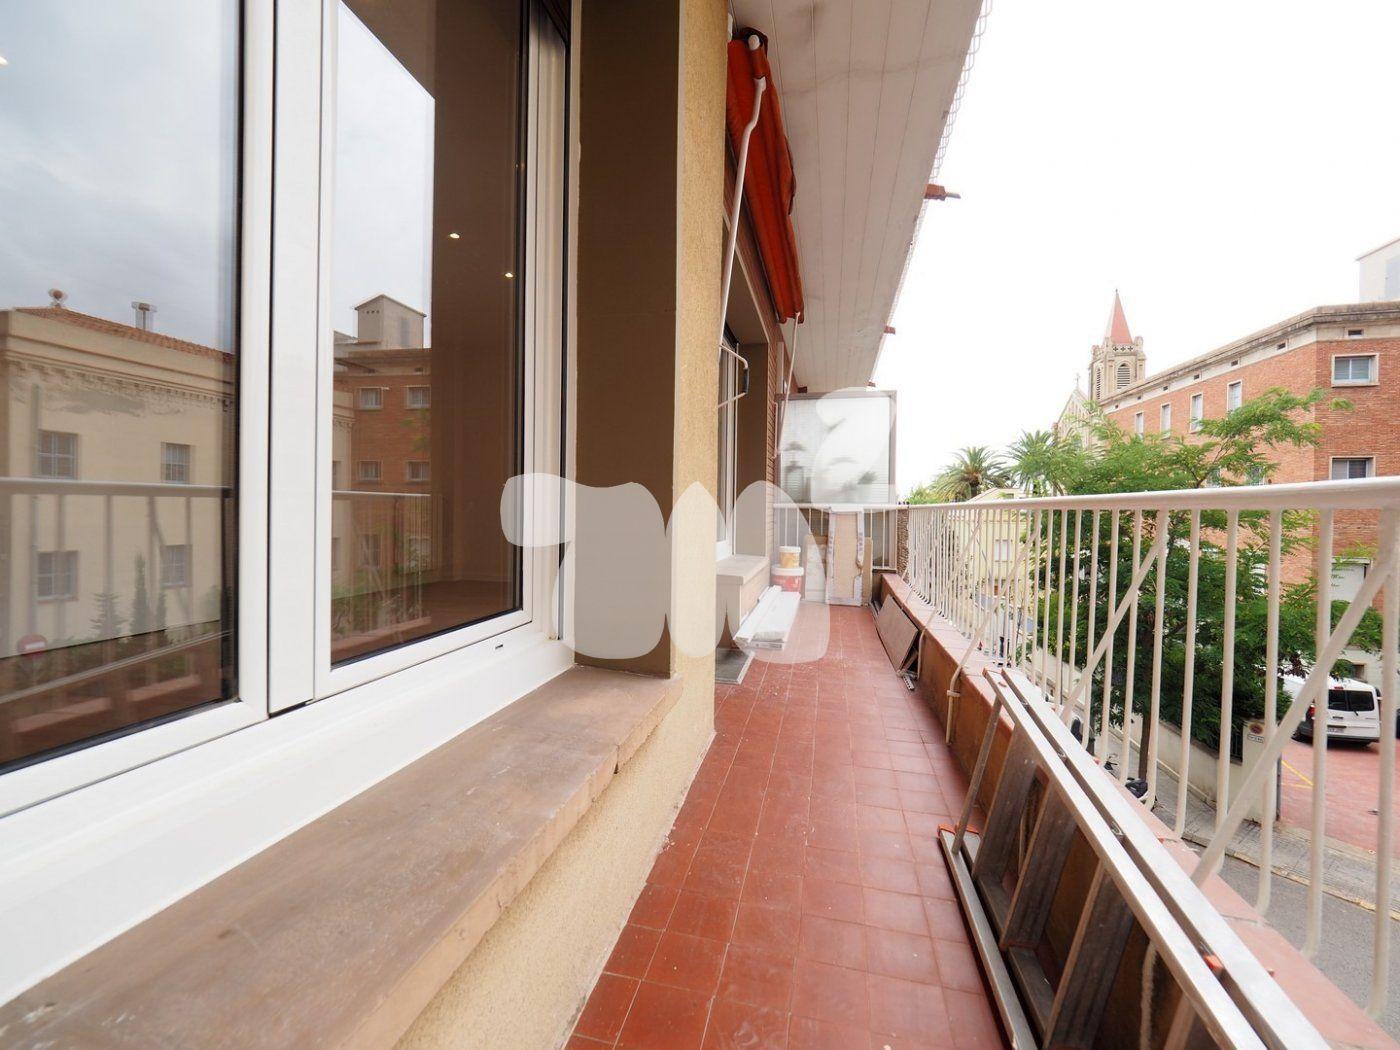 Pis a Barcelona. Sant Gervasi - Galvany (CV-125d)